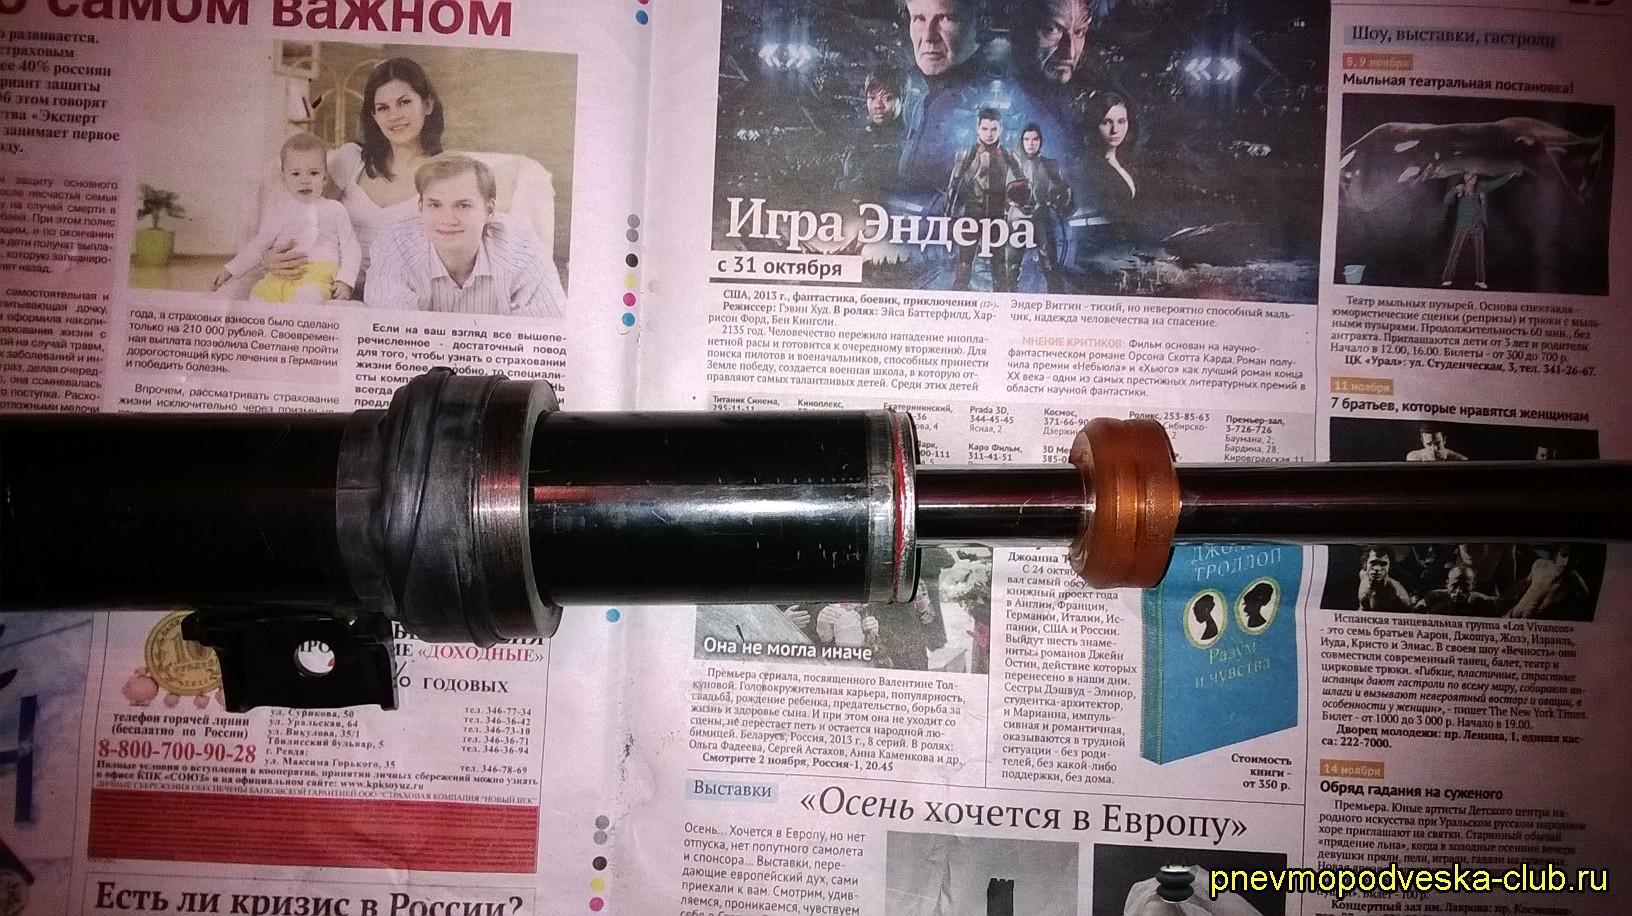 pnevmopodveska_1384625884__wp_20131114_0